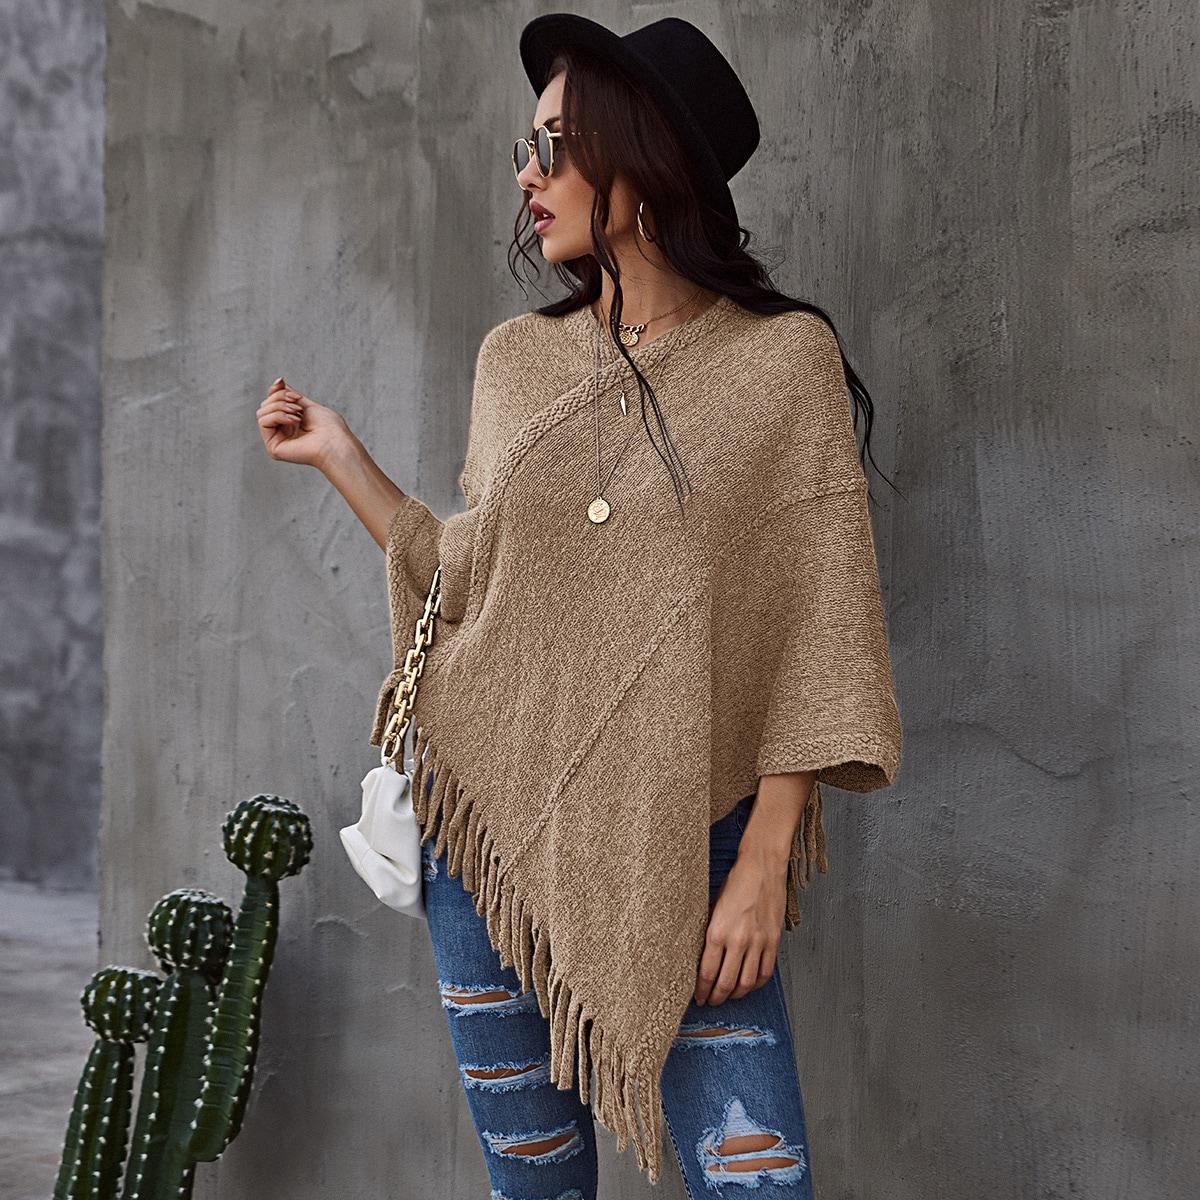 Вязаный свитер-пончо в рубчик с бахромой